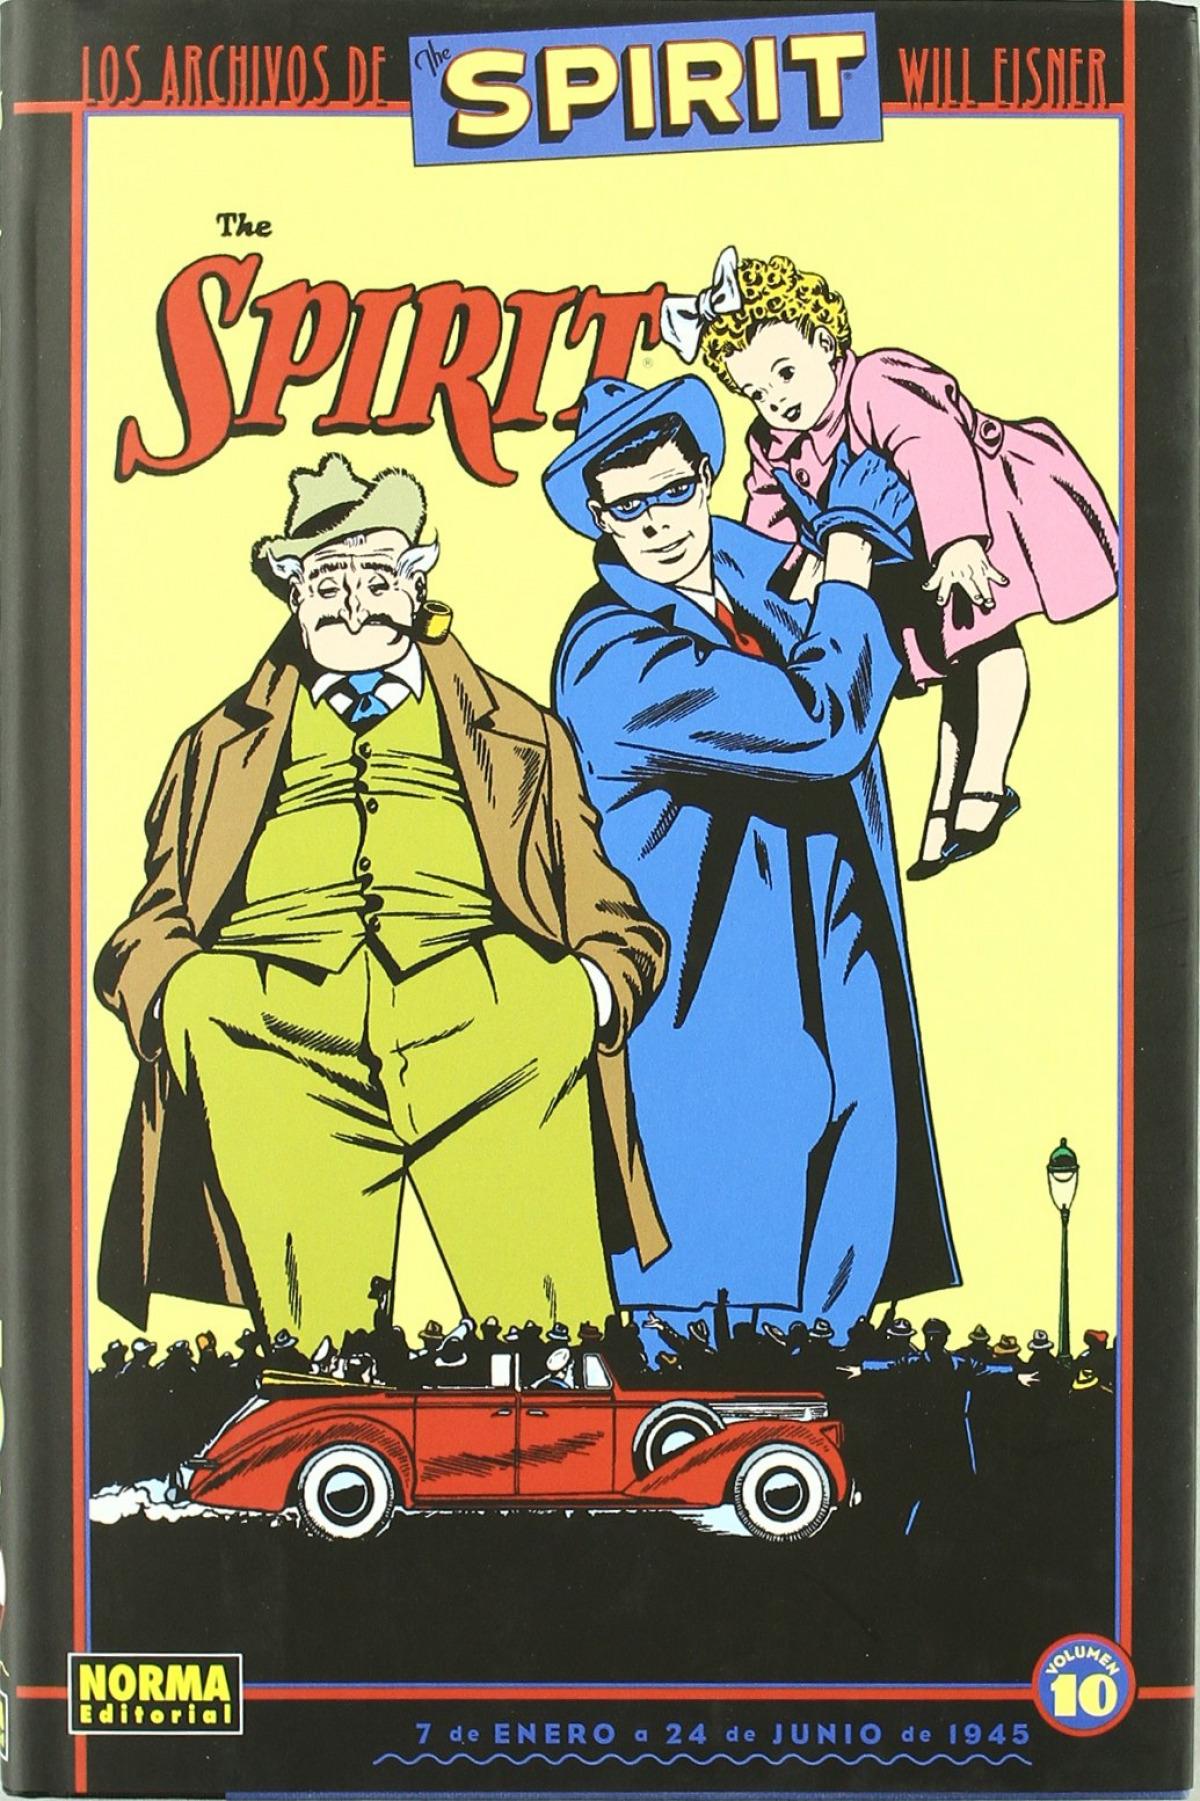 Archivos The Spirit, 10